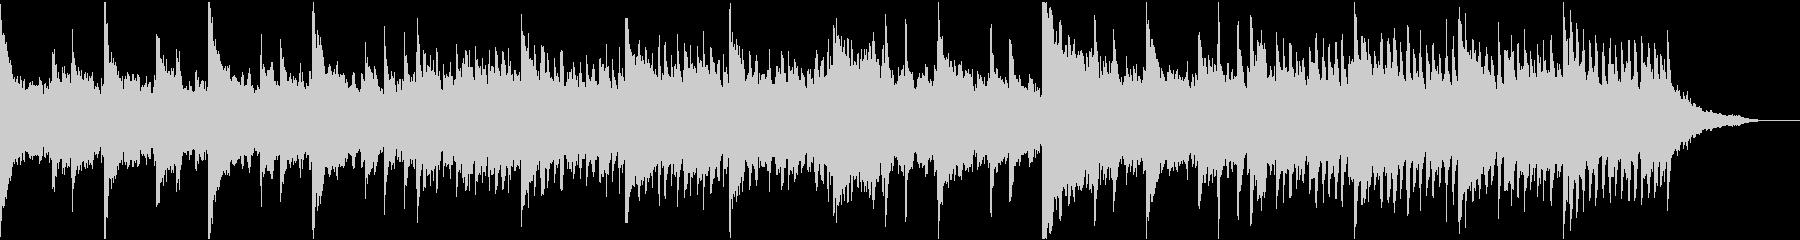 現代的 交響曲 室内楽 プログレッ...の未再生の波形